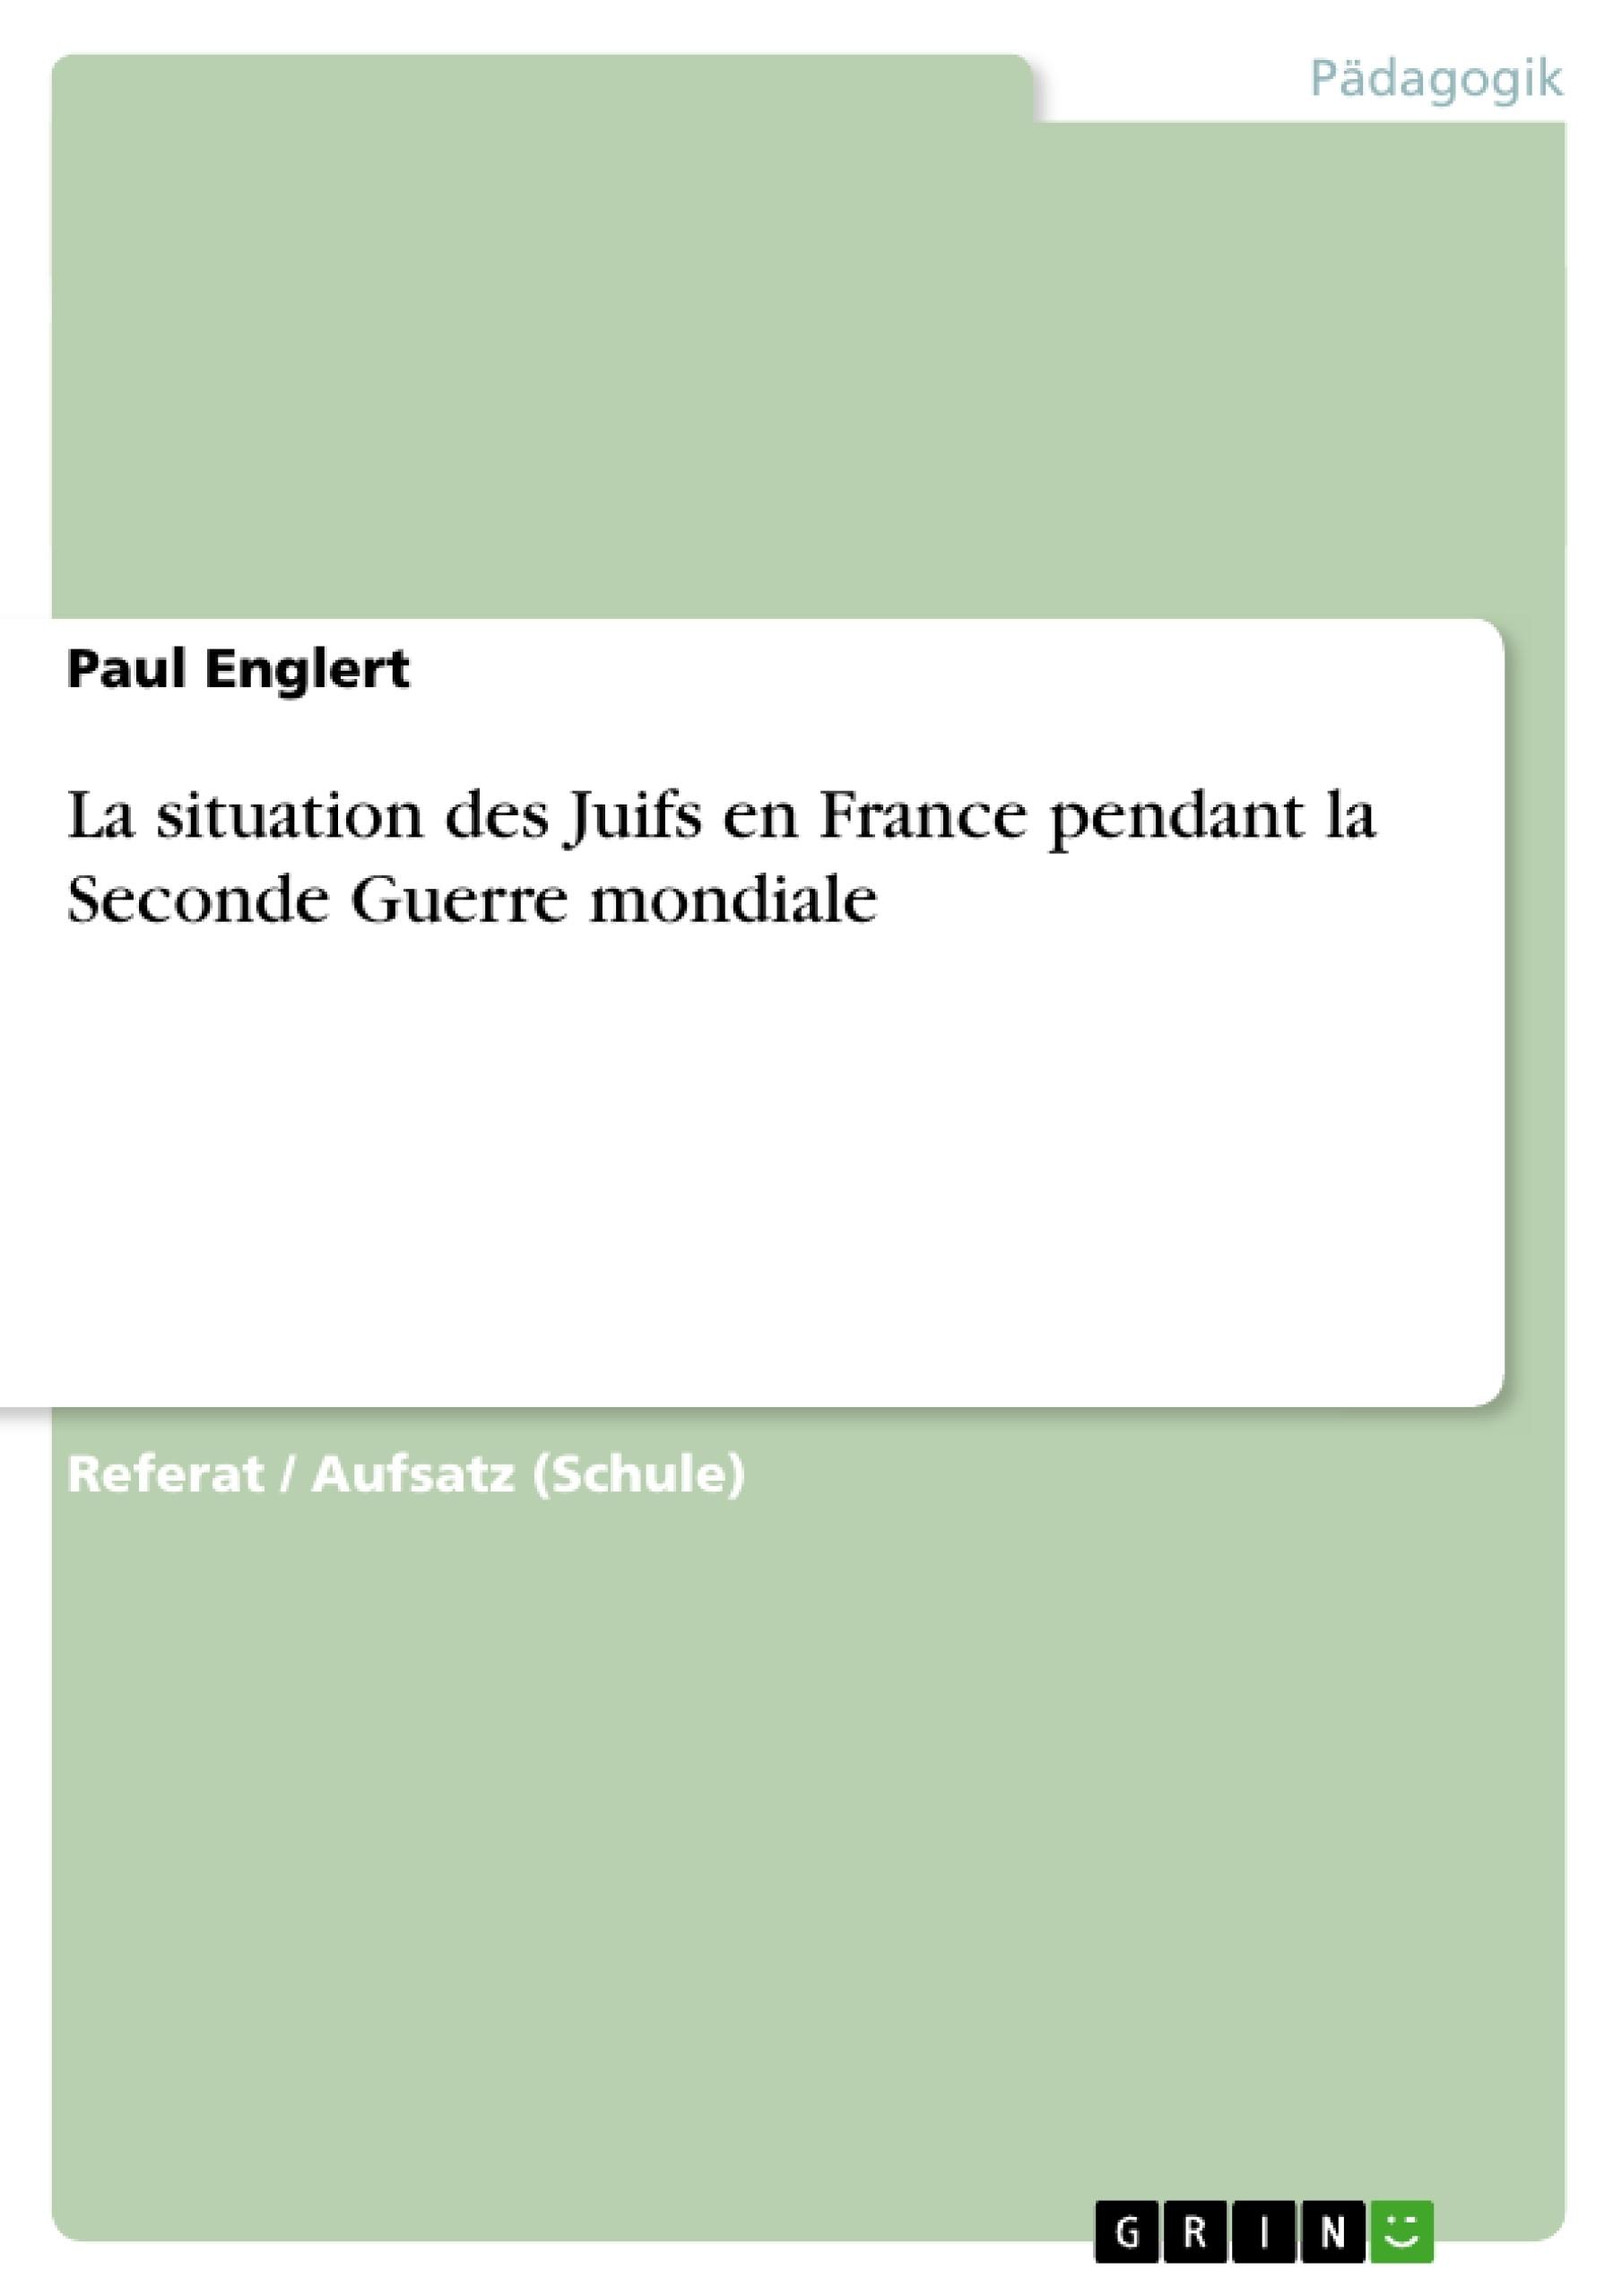 Titel: La situation des Juifs en France pendant la Seconde Guerre mondiale